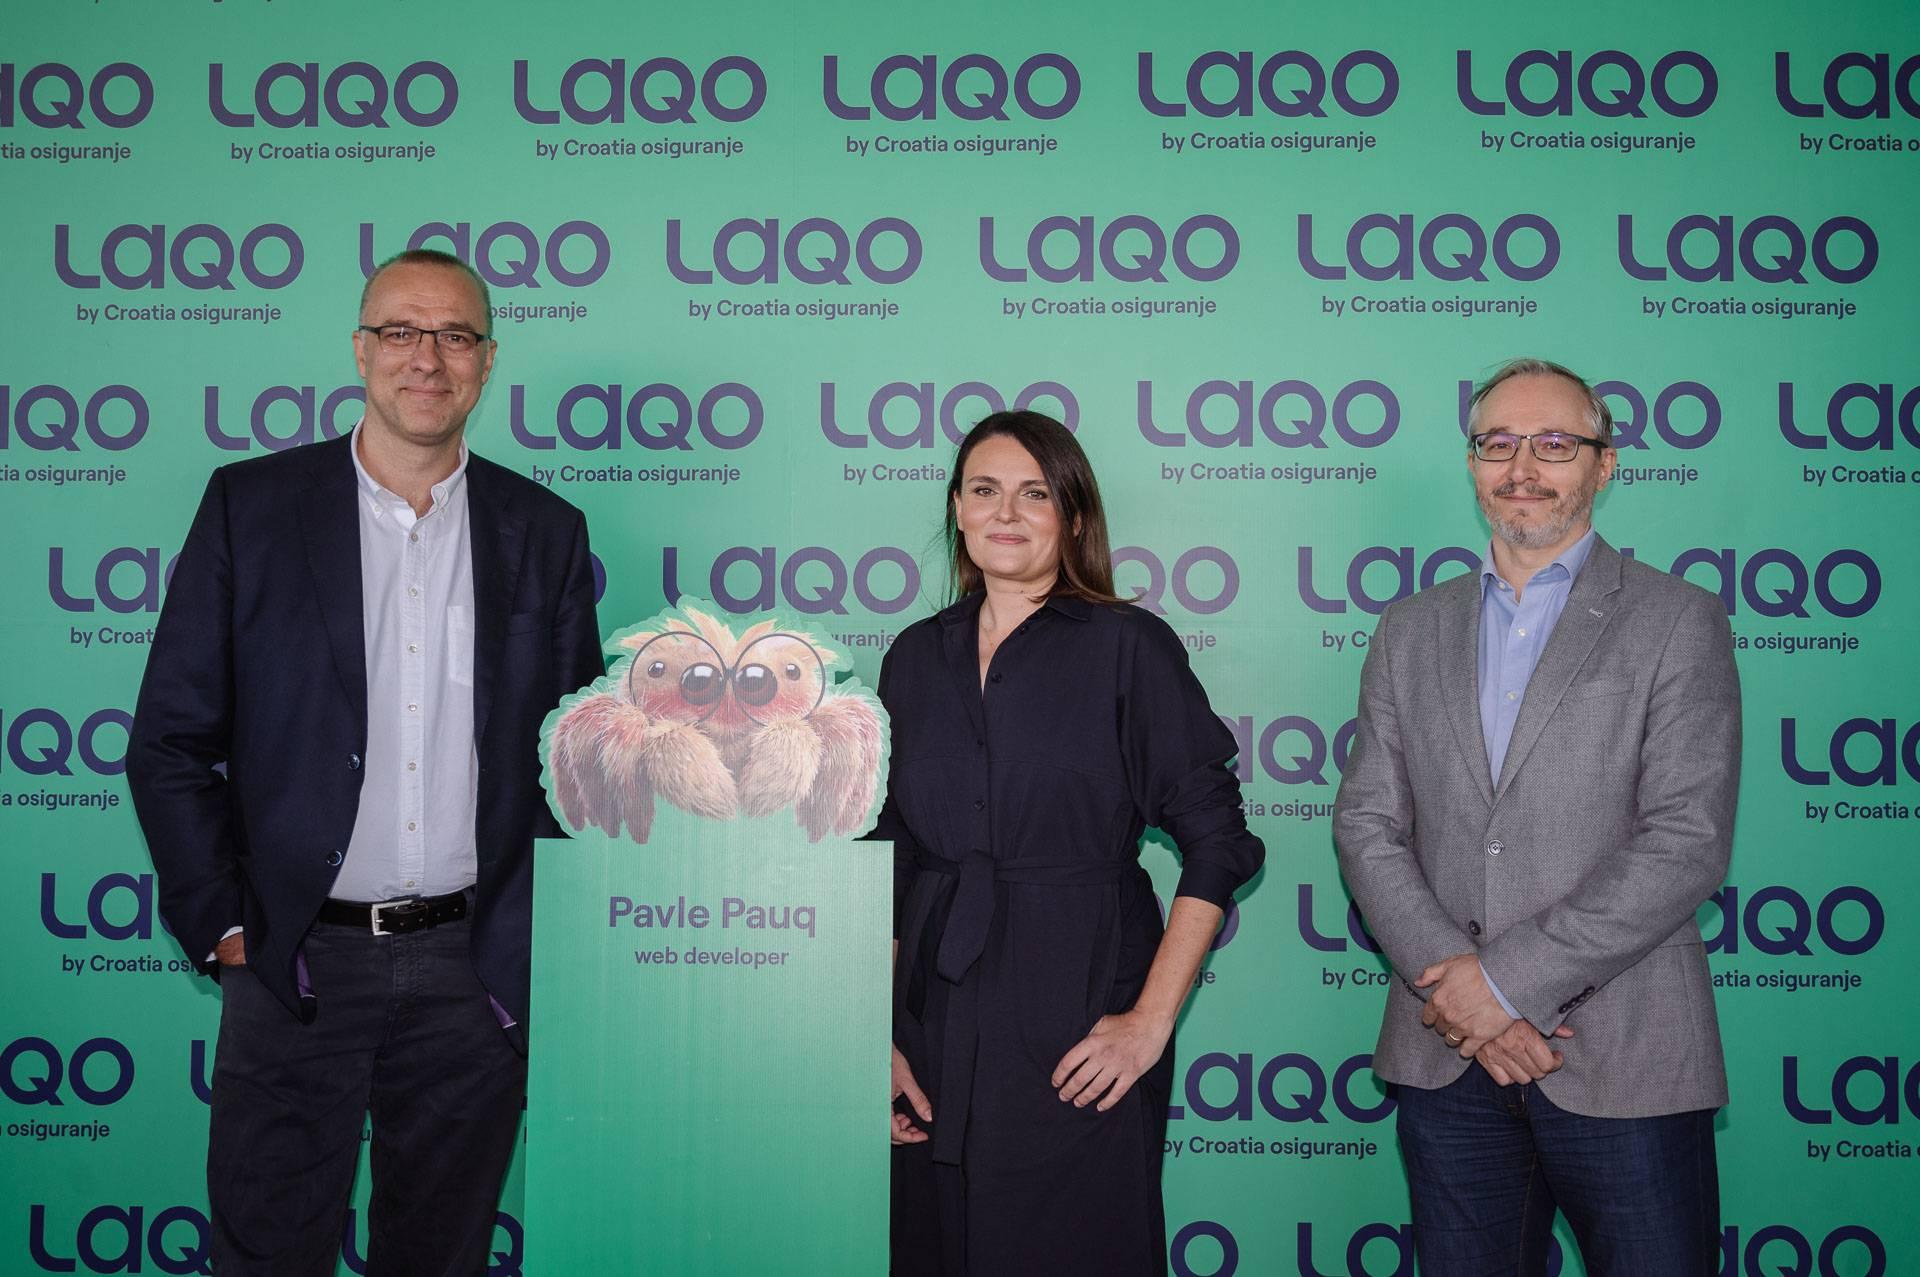 Prvo digitalno osiguranje: Kroz Laqo sada možete policu i kasko kupiti online, ali i prijaviti štetu